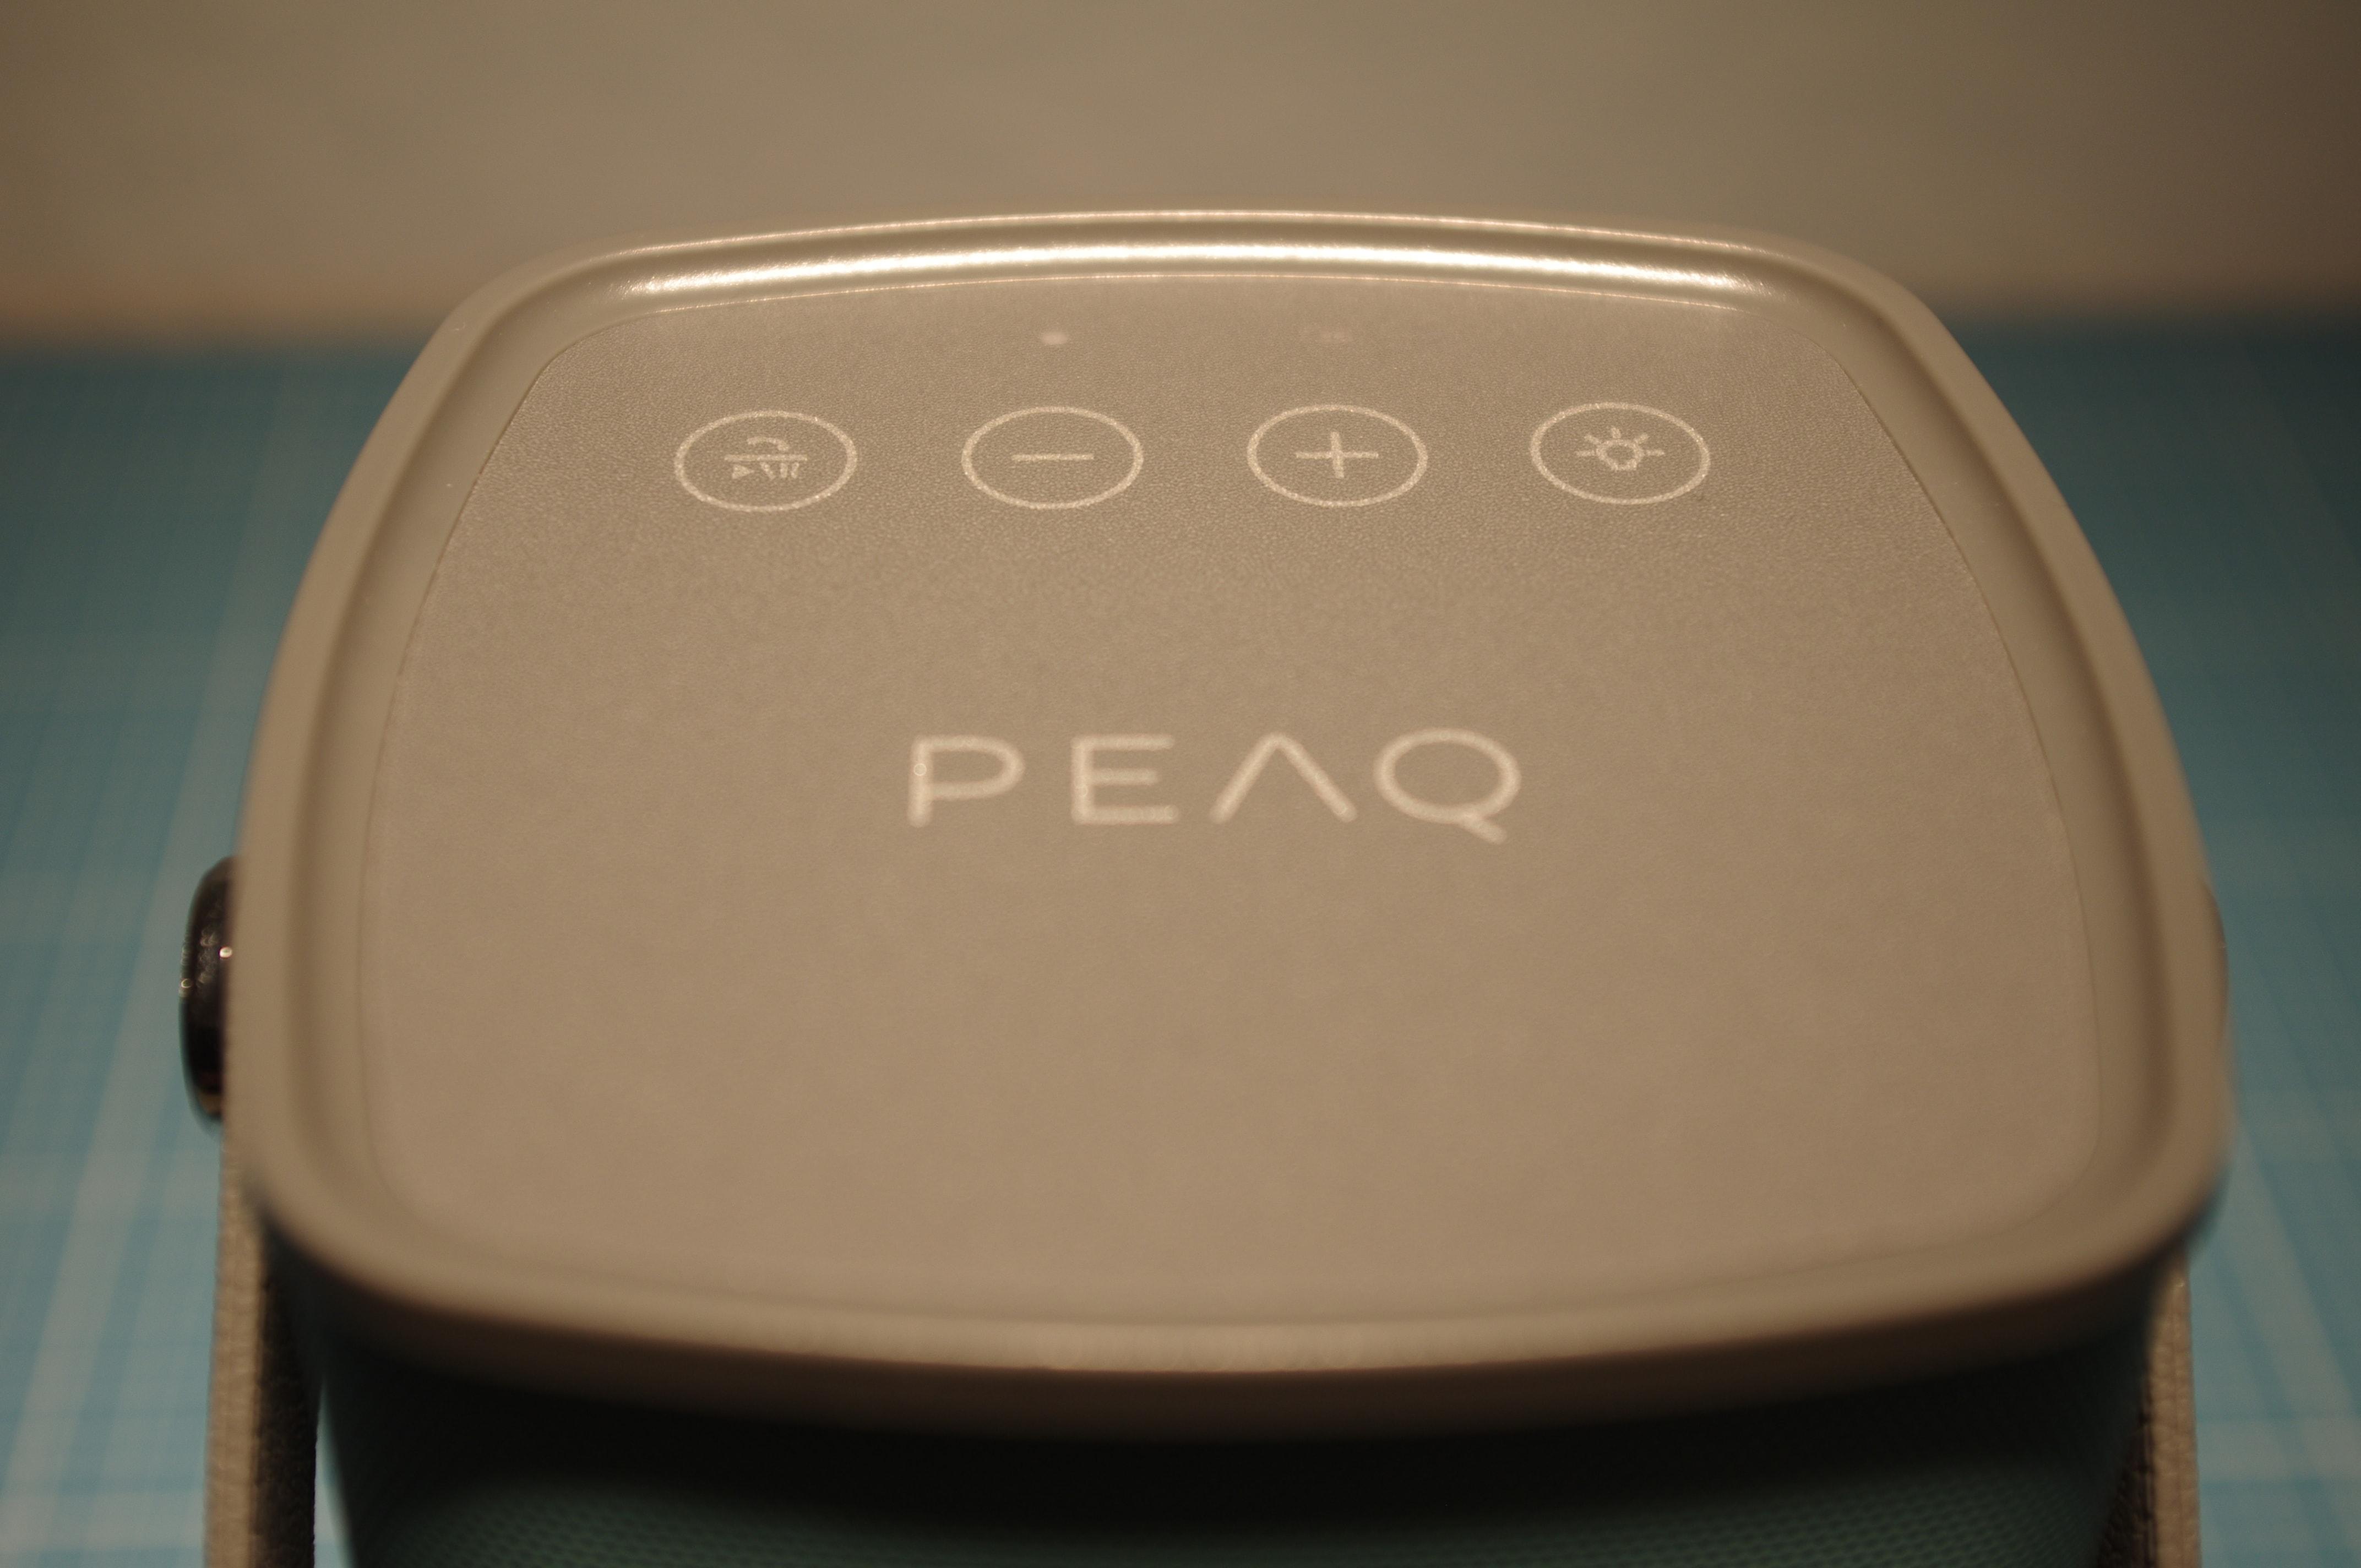 peaq-ppa55bt-bl top